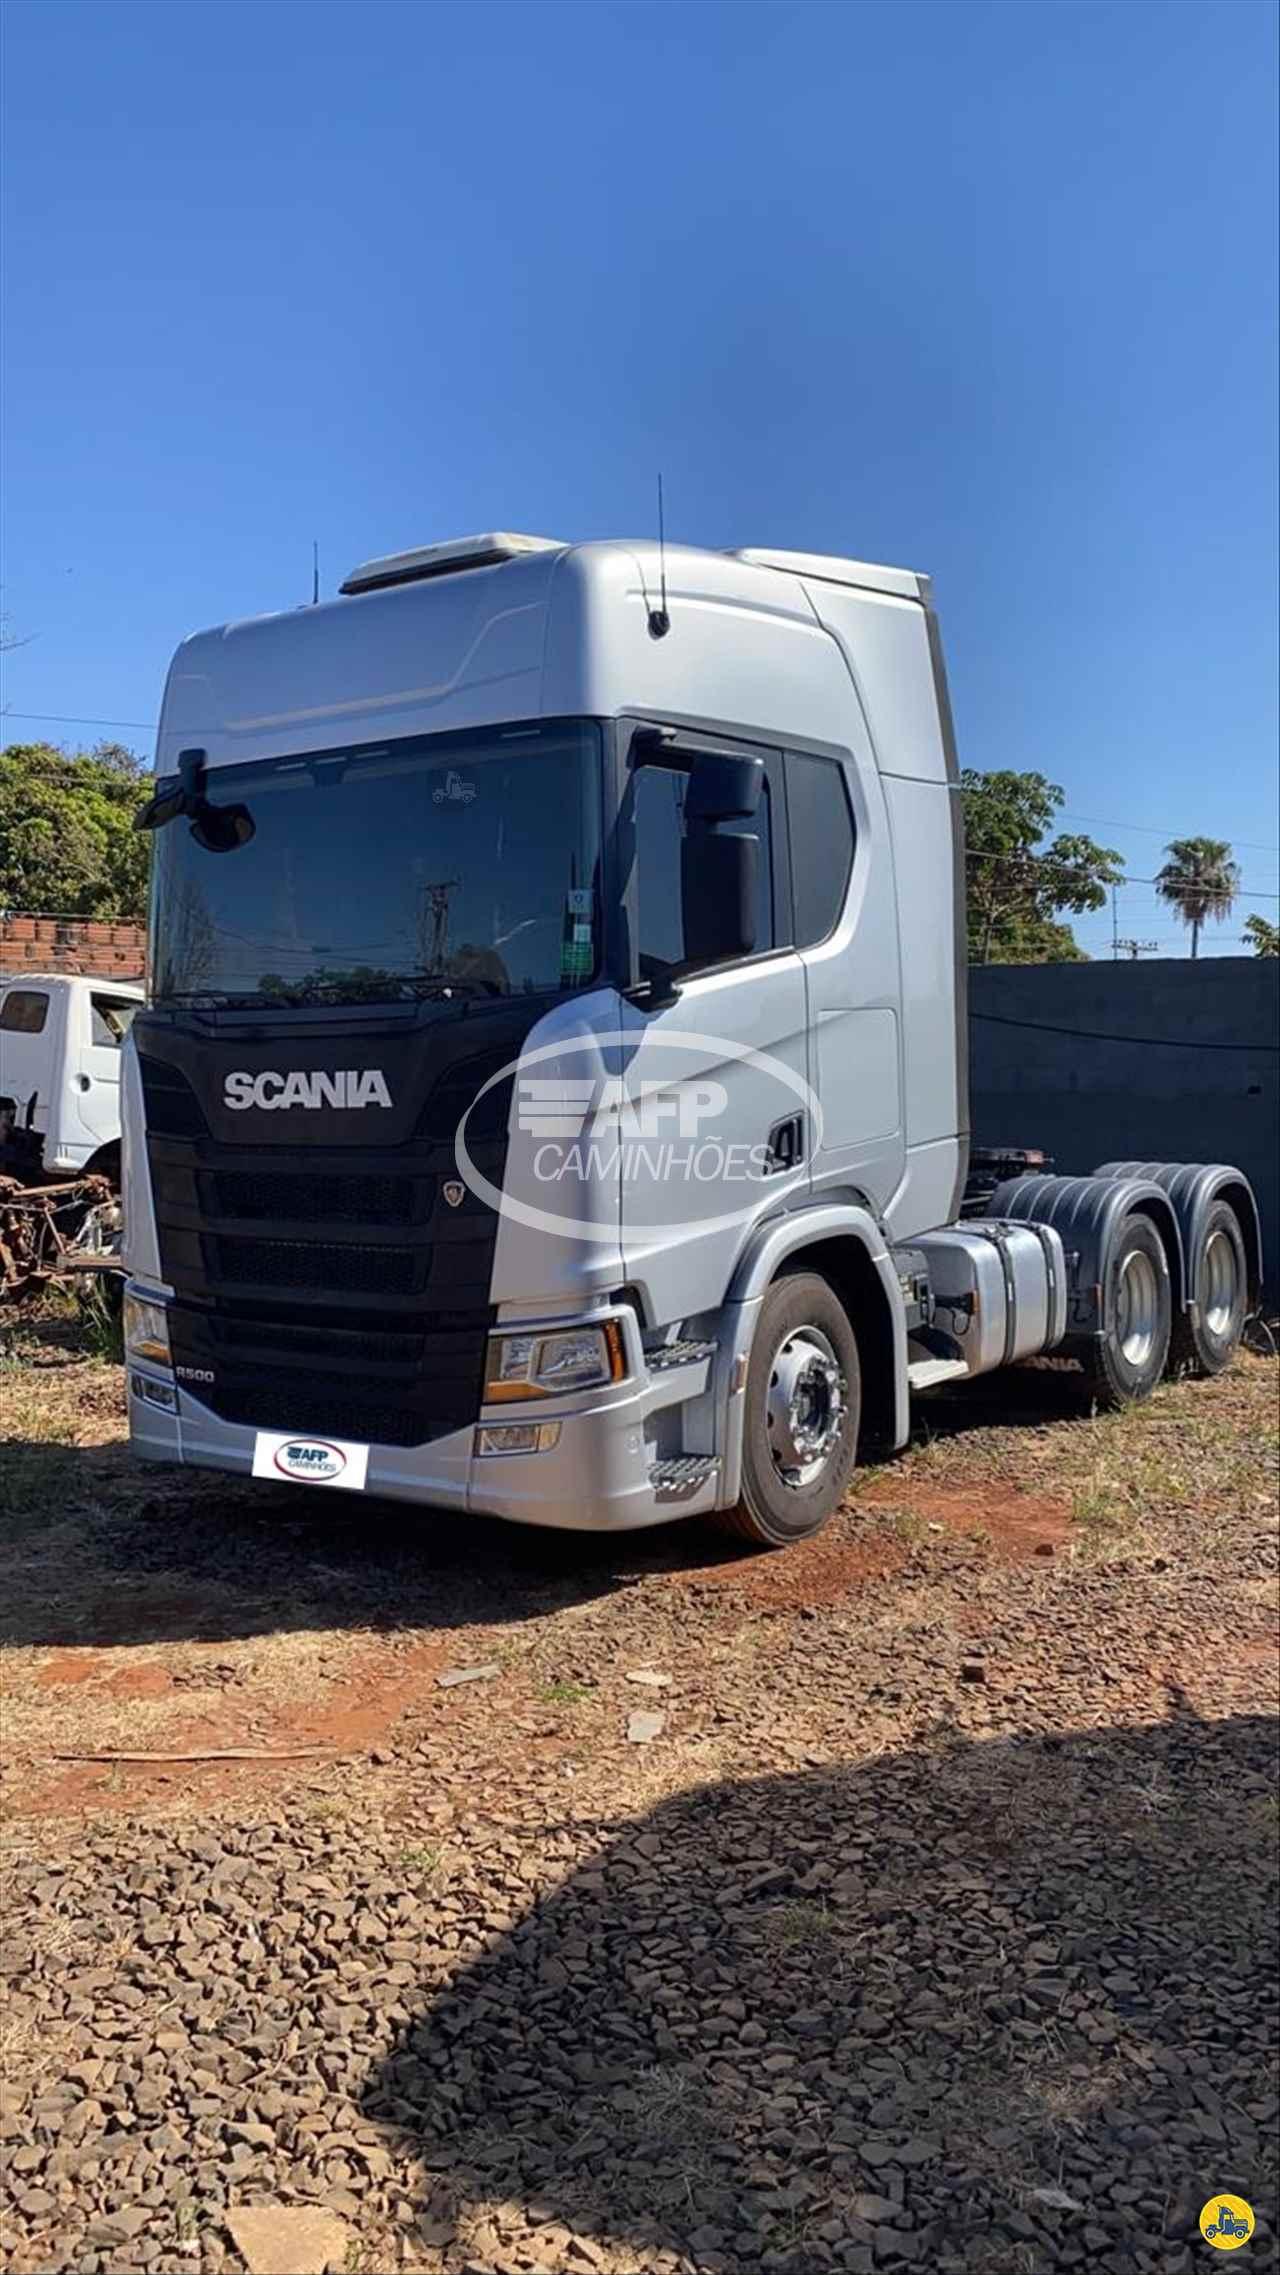 CAMINHAO SCANIA SCANIA 500 Cavalo Mecânico Traçado 6x4 AFP Caminhões UBERLANDIA MINAS GERAIS MG